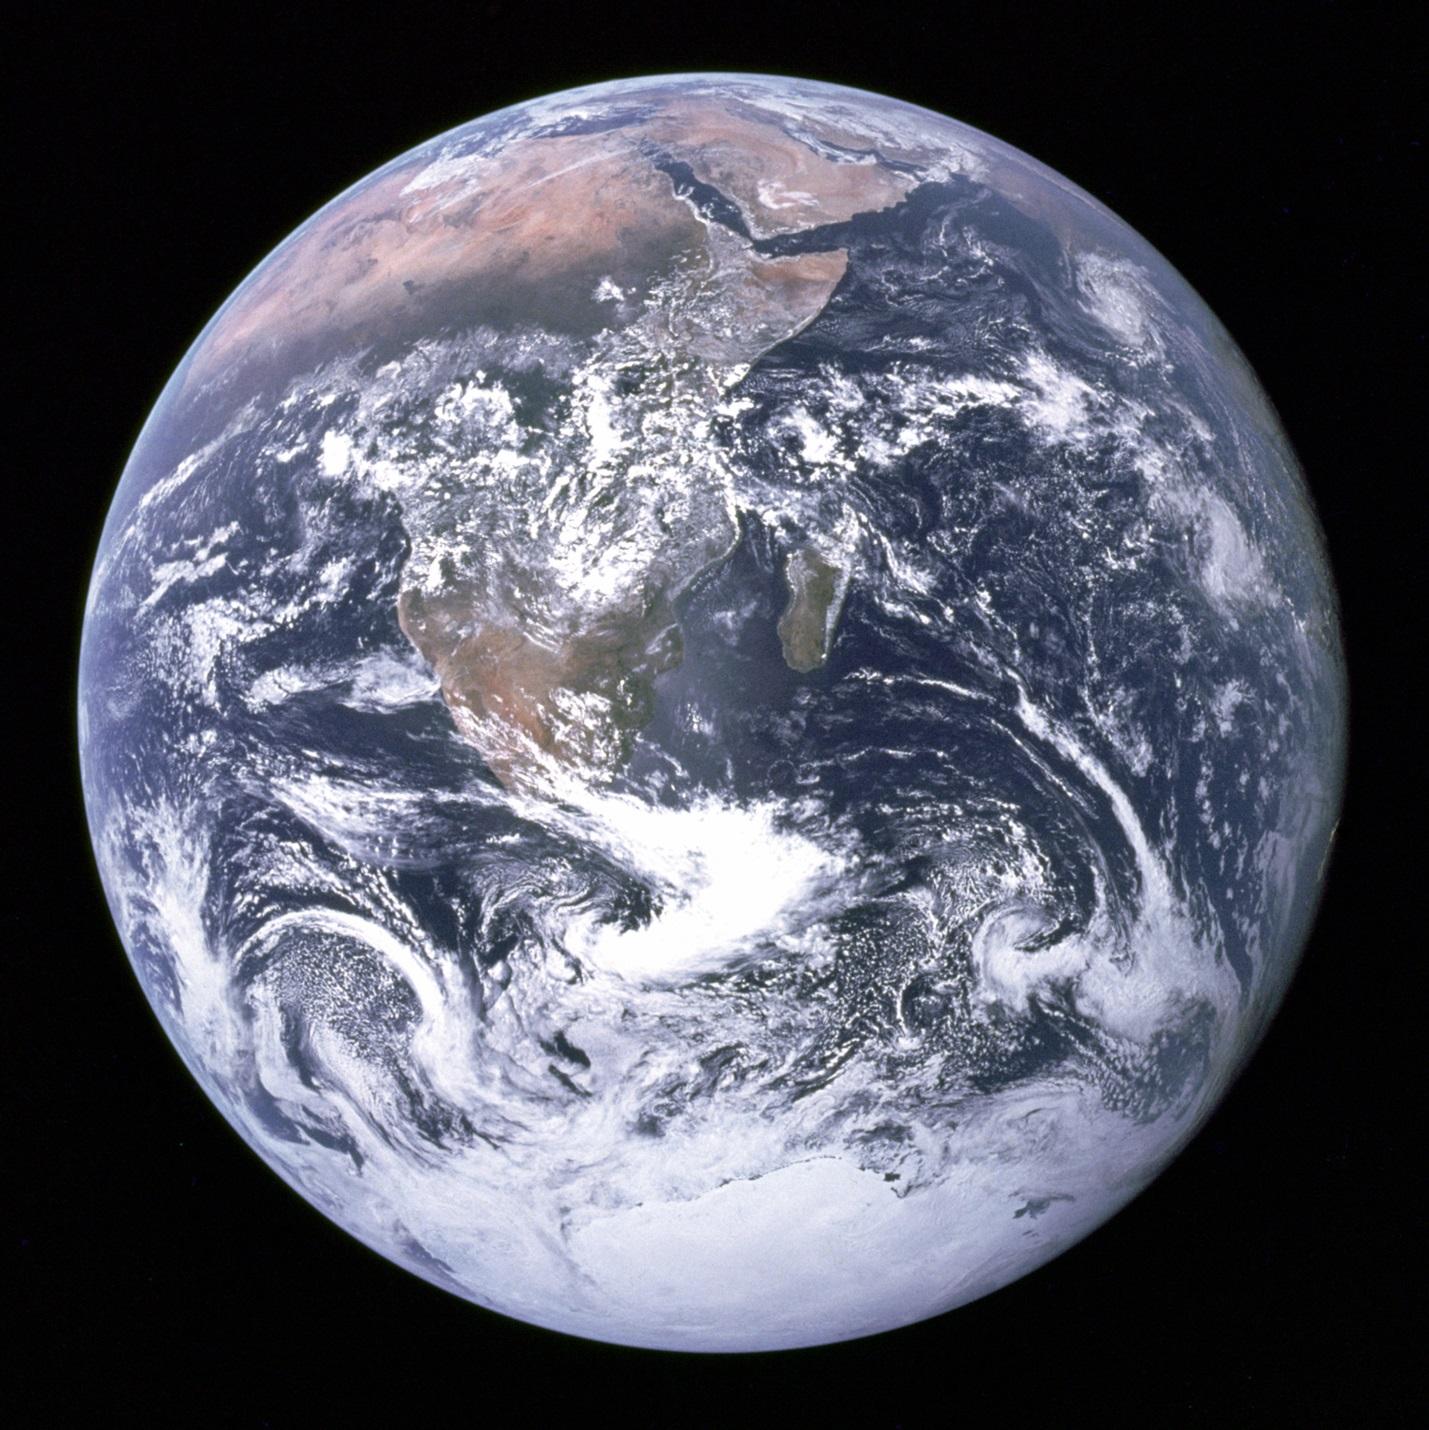 Новый проект Google поможет оценить, как изменилась наша Земля за 28 лет